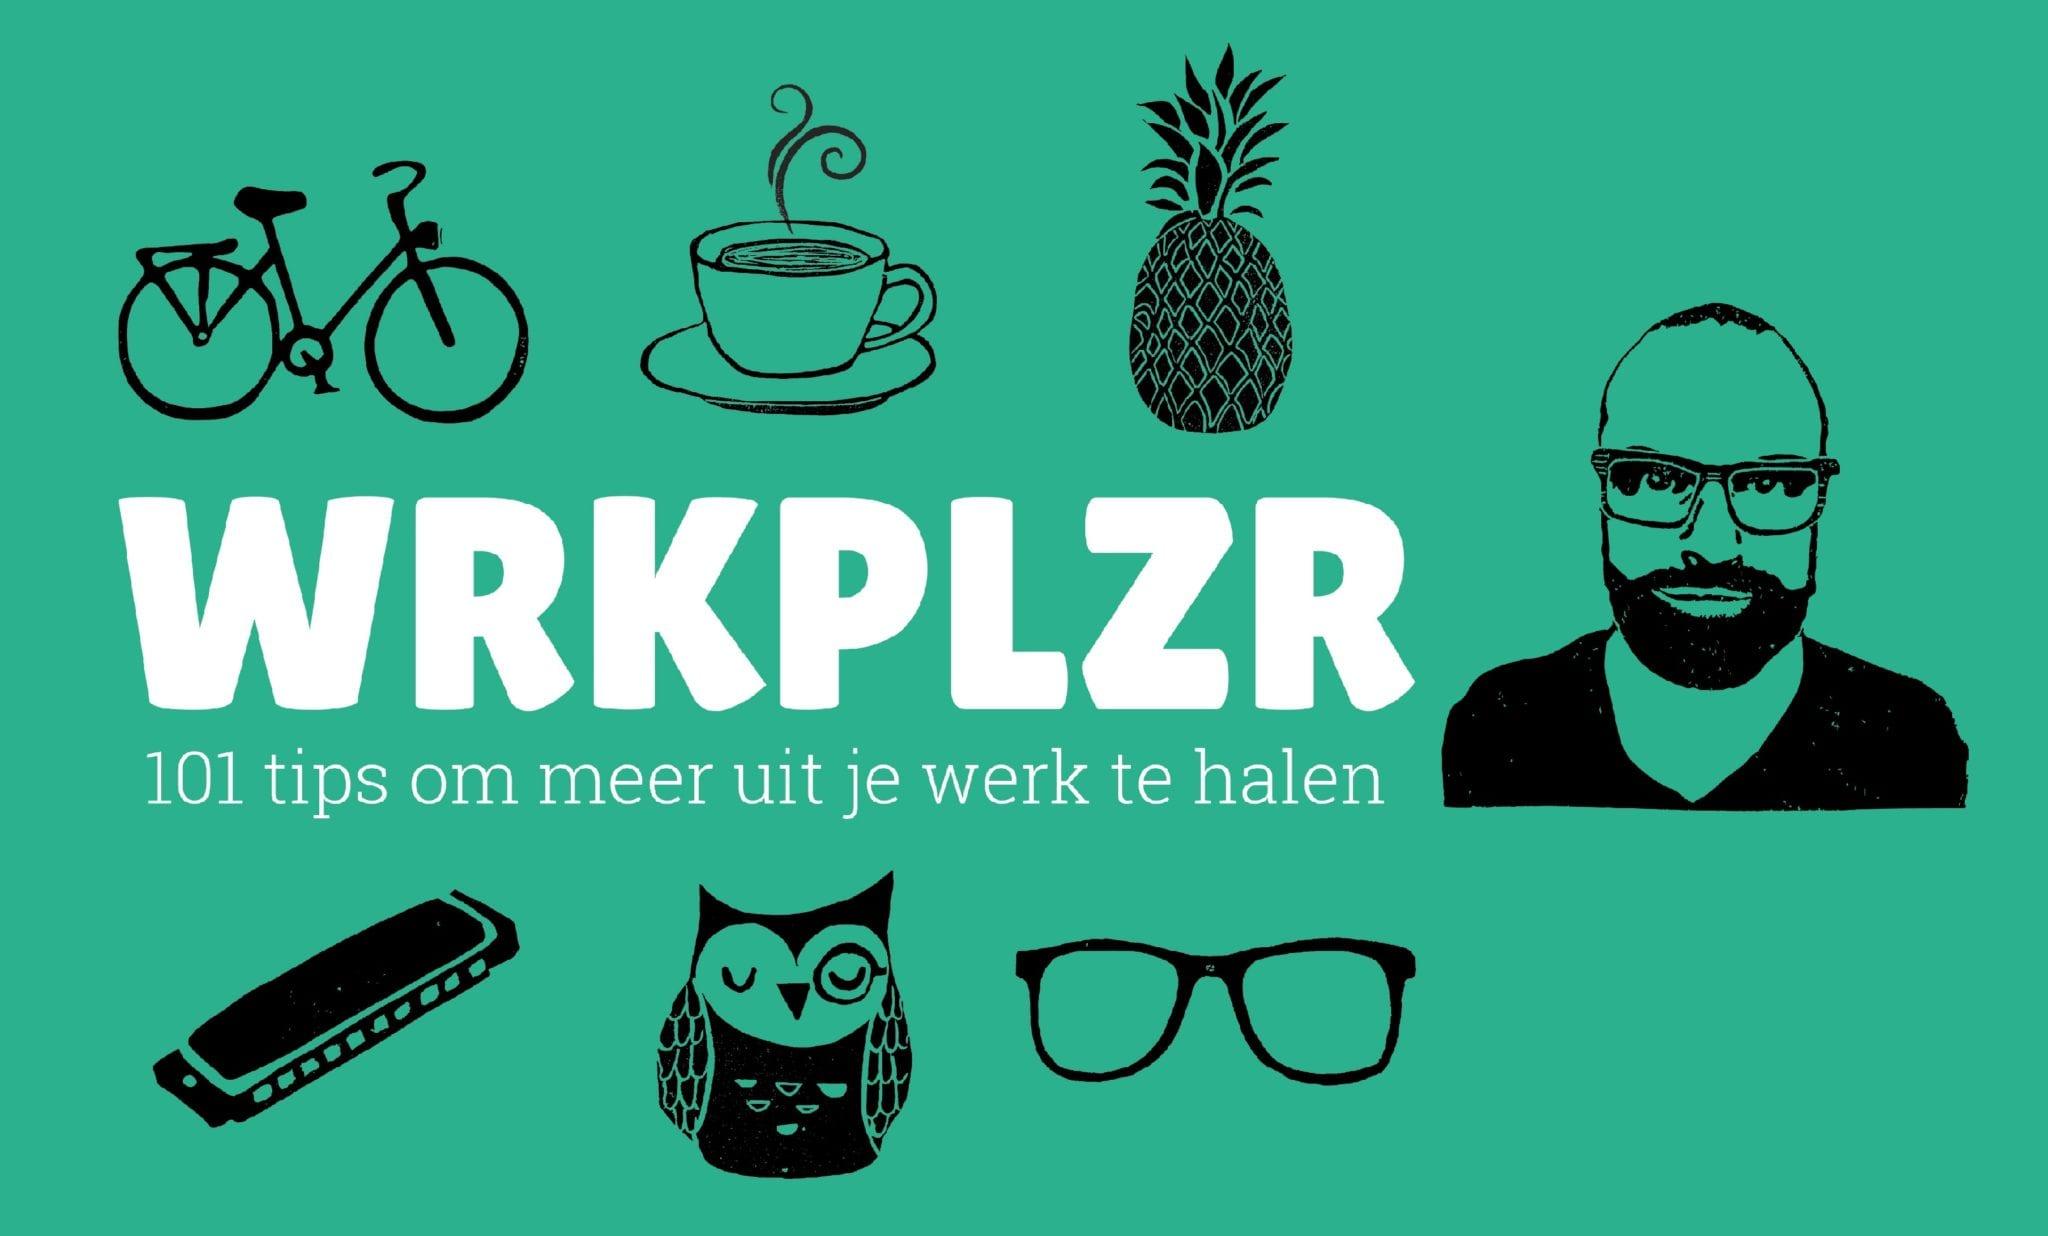 Boek WRKPLZR gewonnen door….